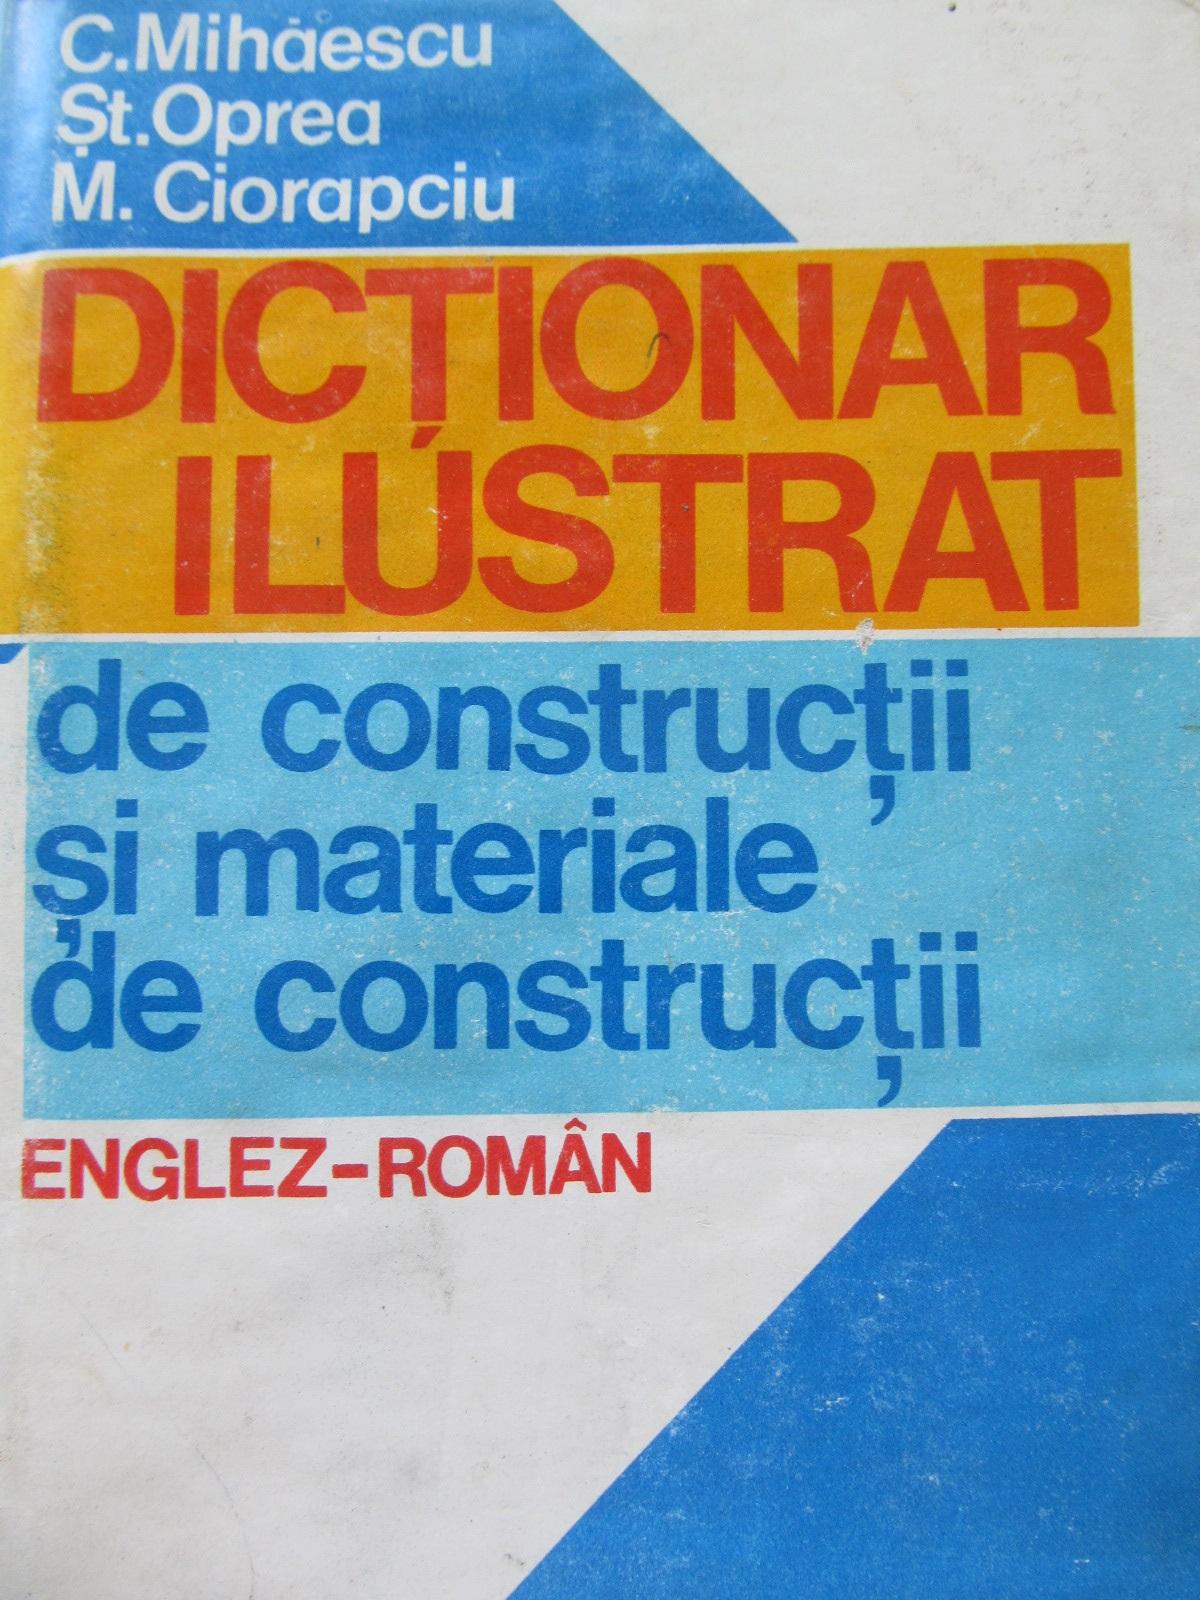 Dictionar ilustrat de constructii si materiale de constructii Englez Roman - C. Mihaescu , St. Oprea , M. Ciorapciu | Detalii carte